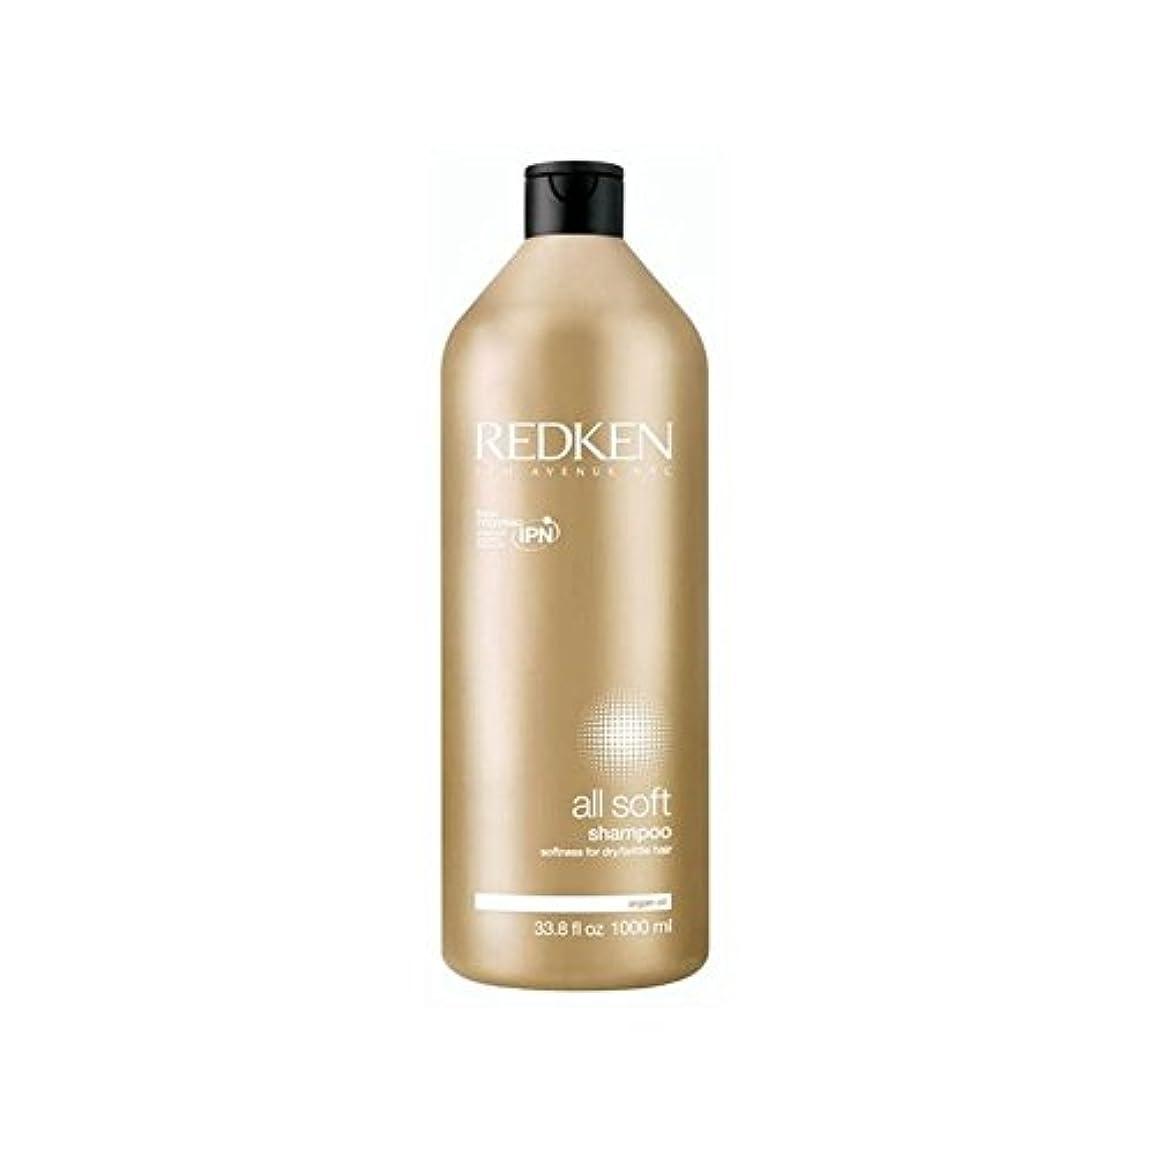 遺棄された通行人避けられないすべてのソフトシャンプー千ミリリットルをレッドケン x4 - Redken All Soft Shampoo 1000ml (Pack of 4) [並行輸入品]